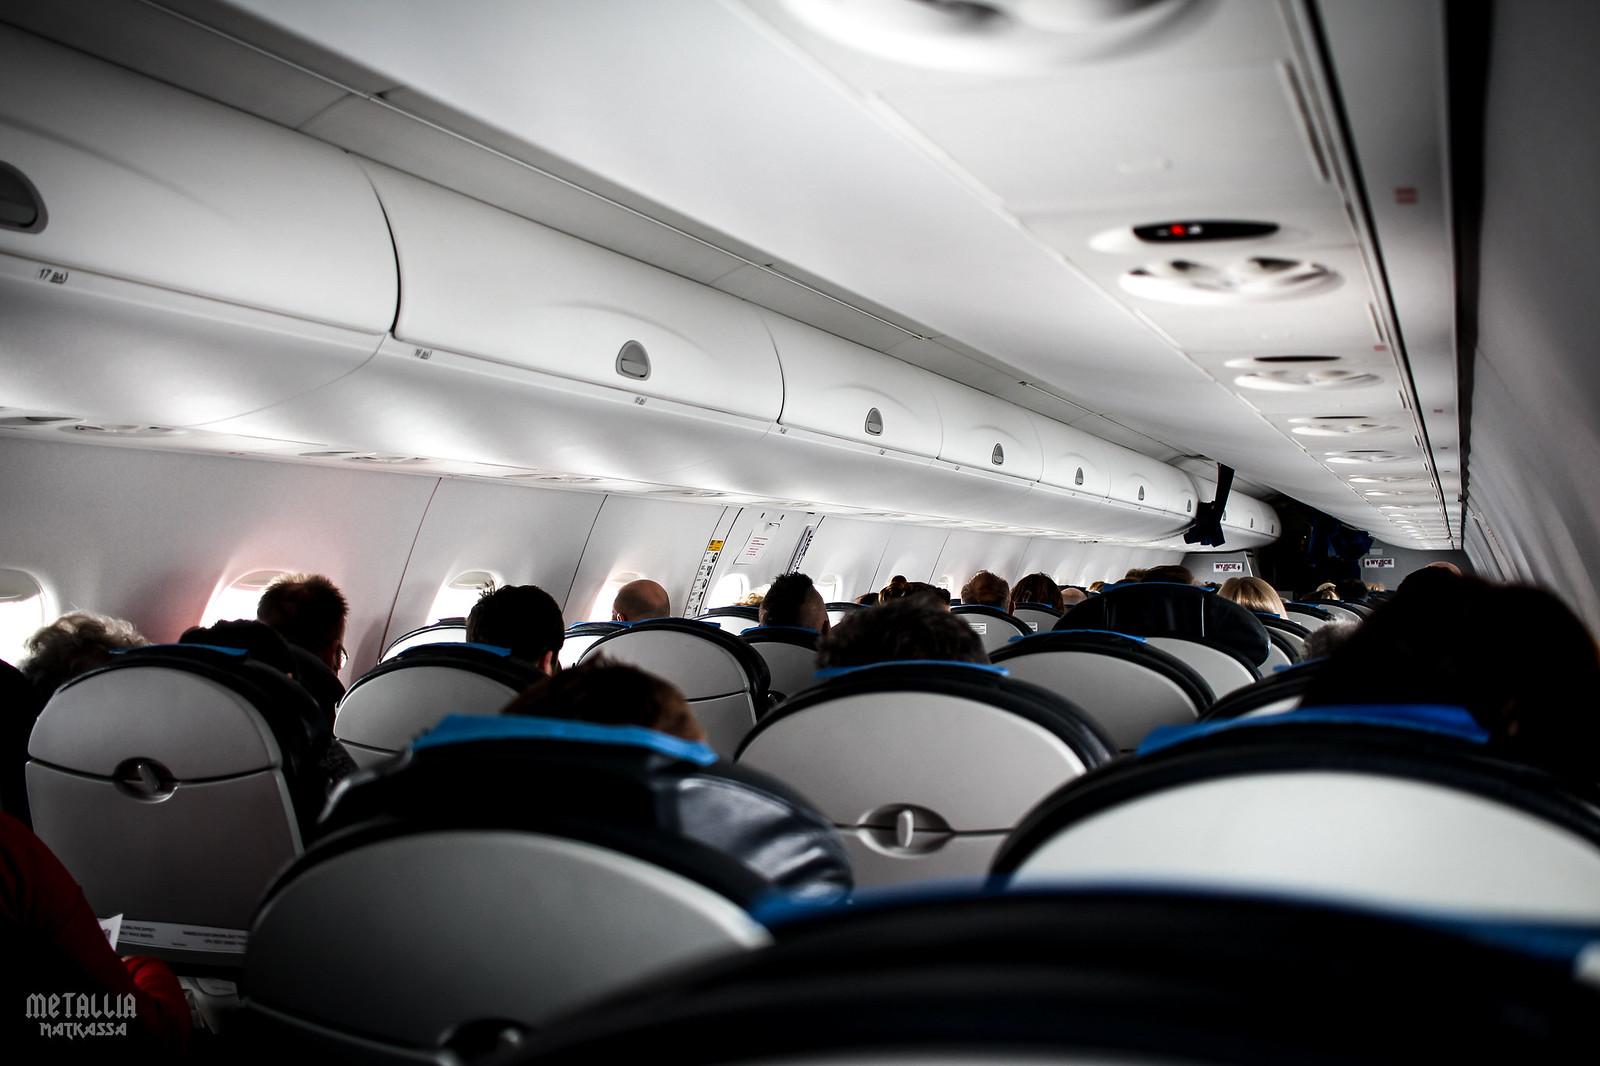 lot polish airlines, lot, polskie linie lotnicze